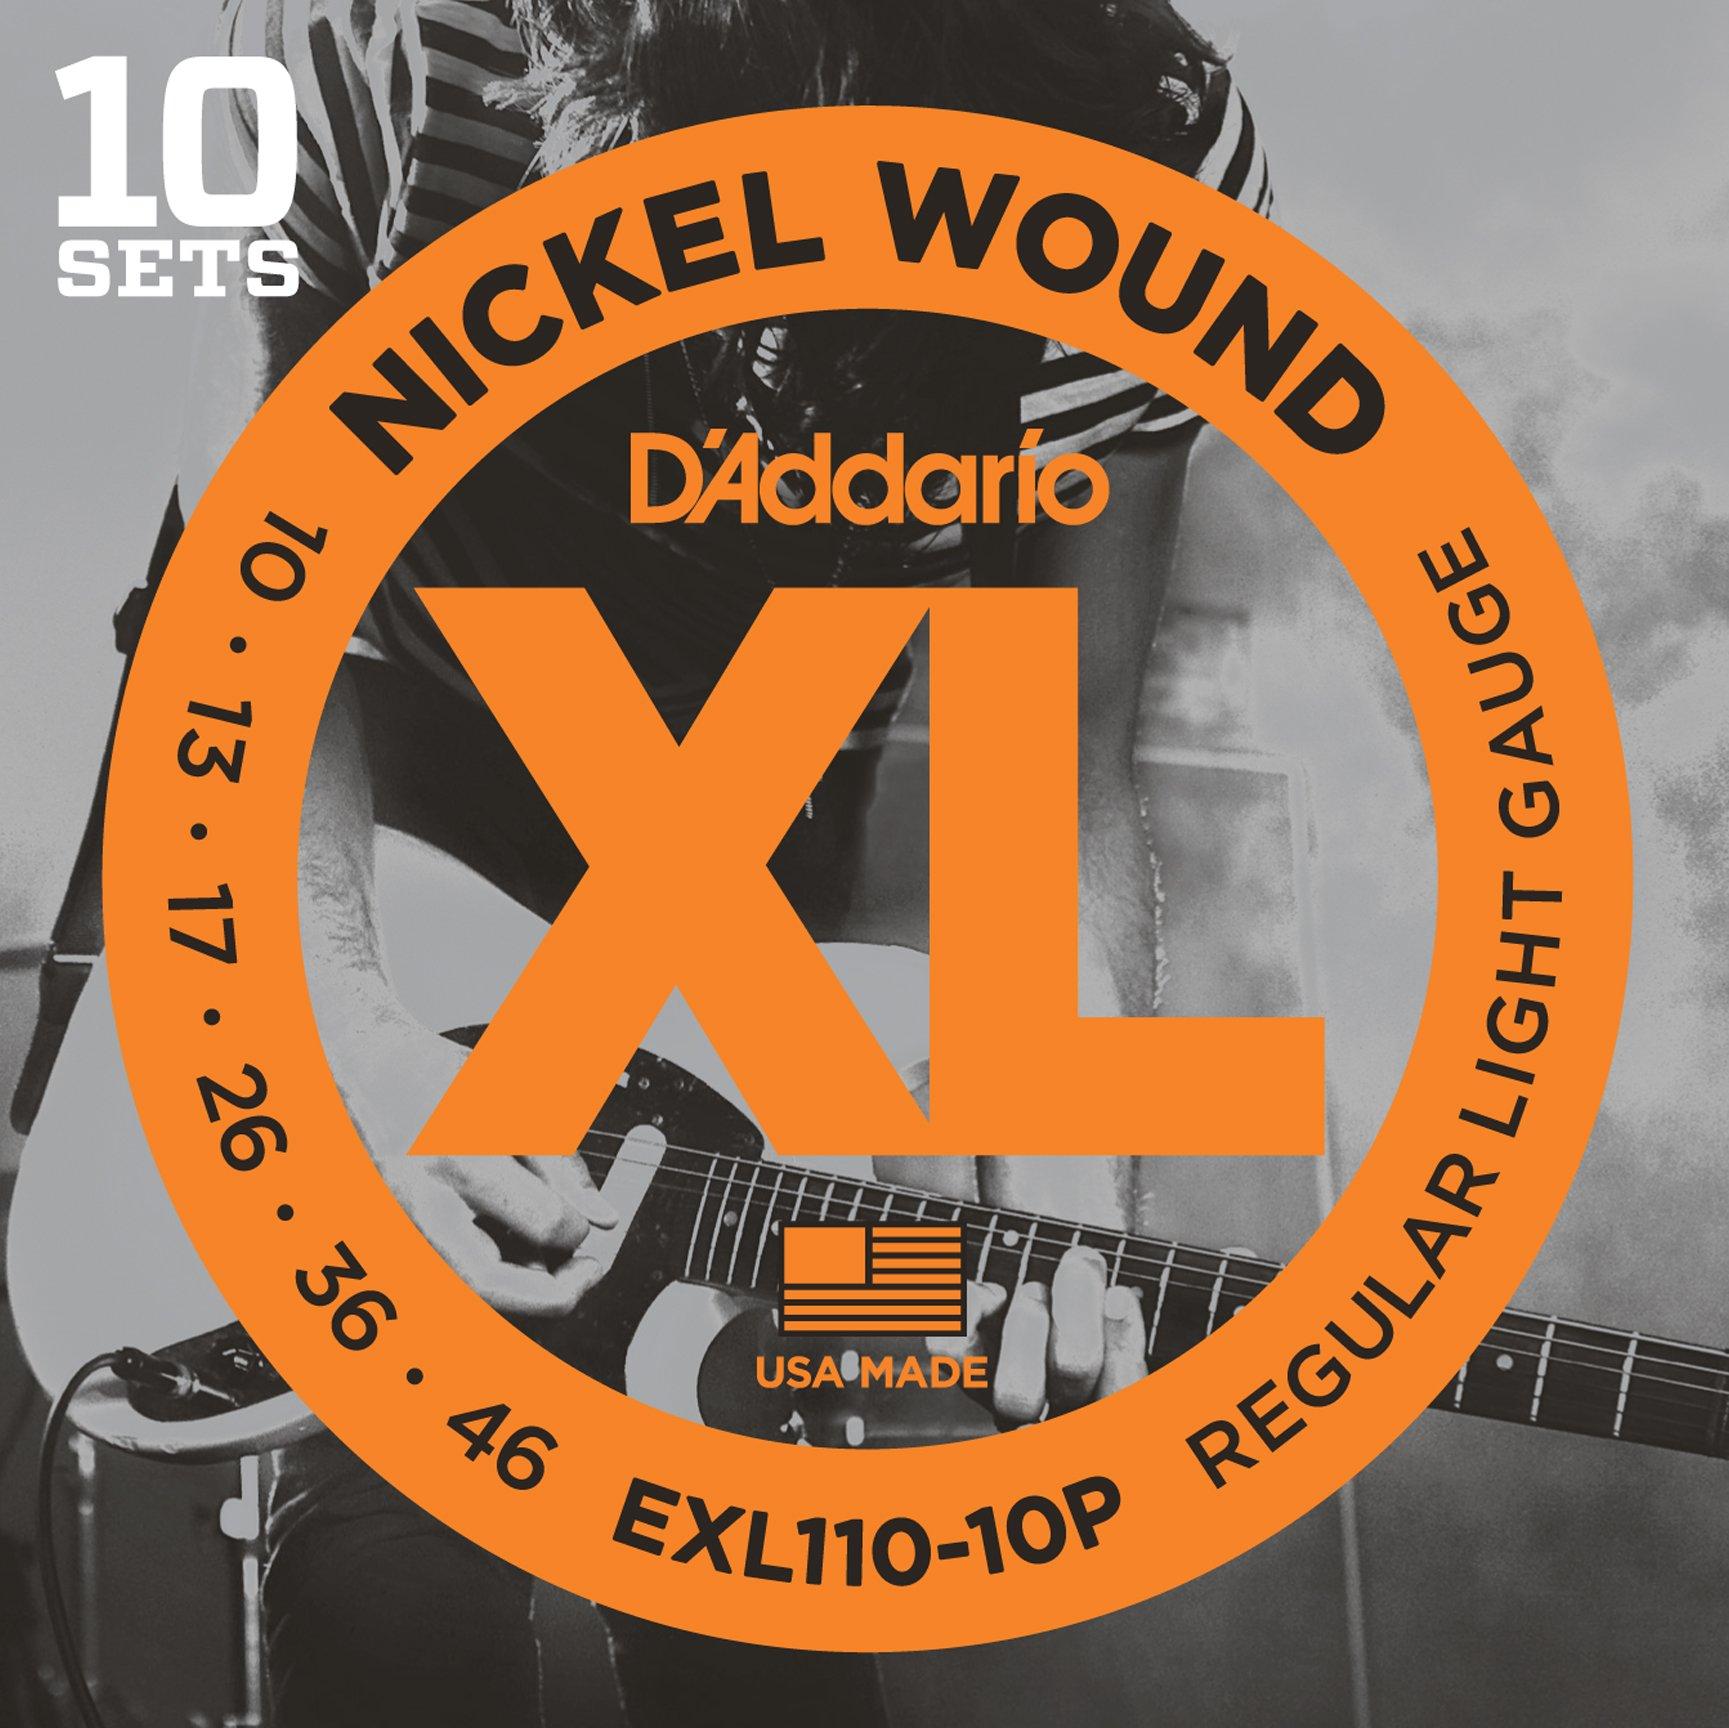 DAddario EXL110-10P - Juego de cuerdas para guitarra eléctrica de acero y